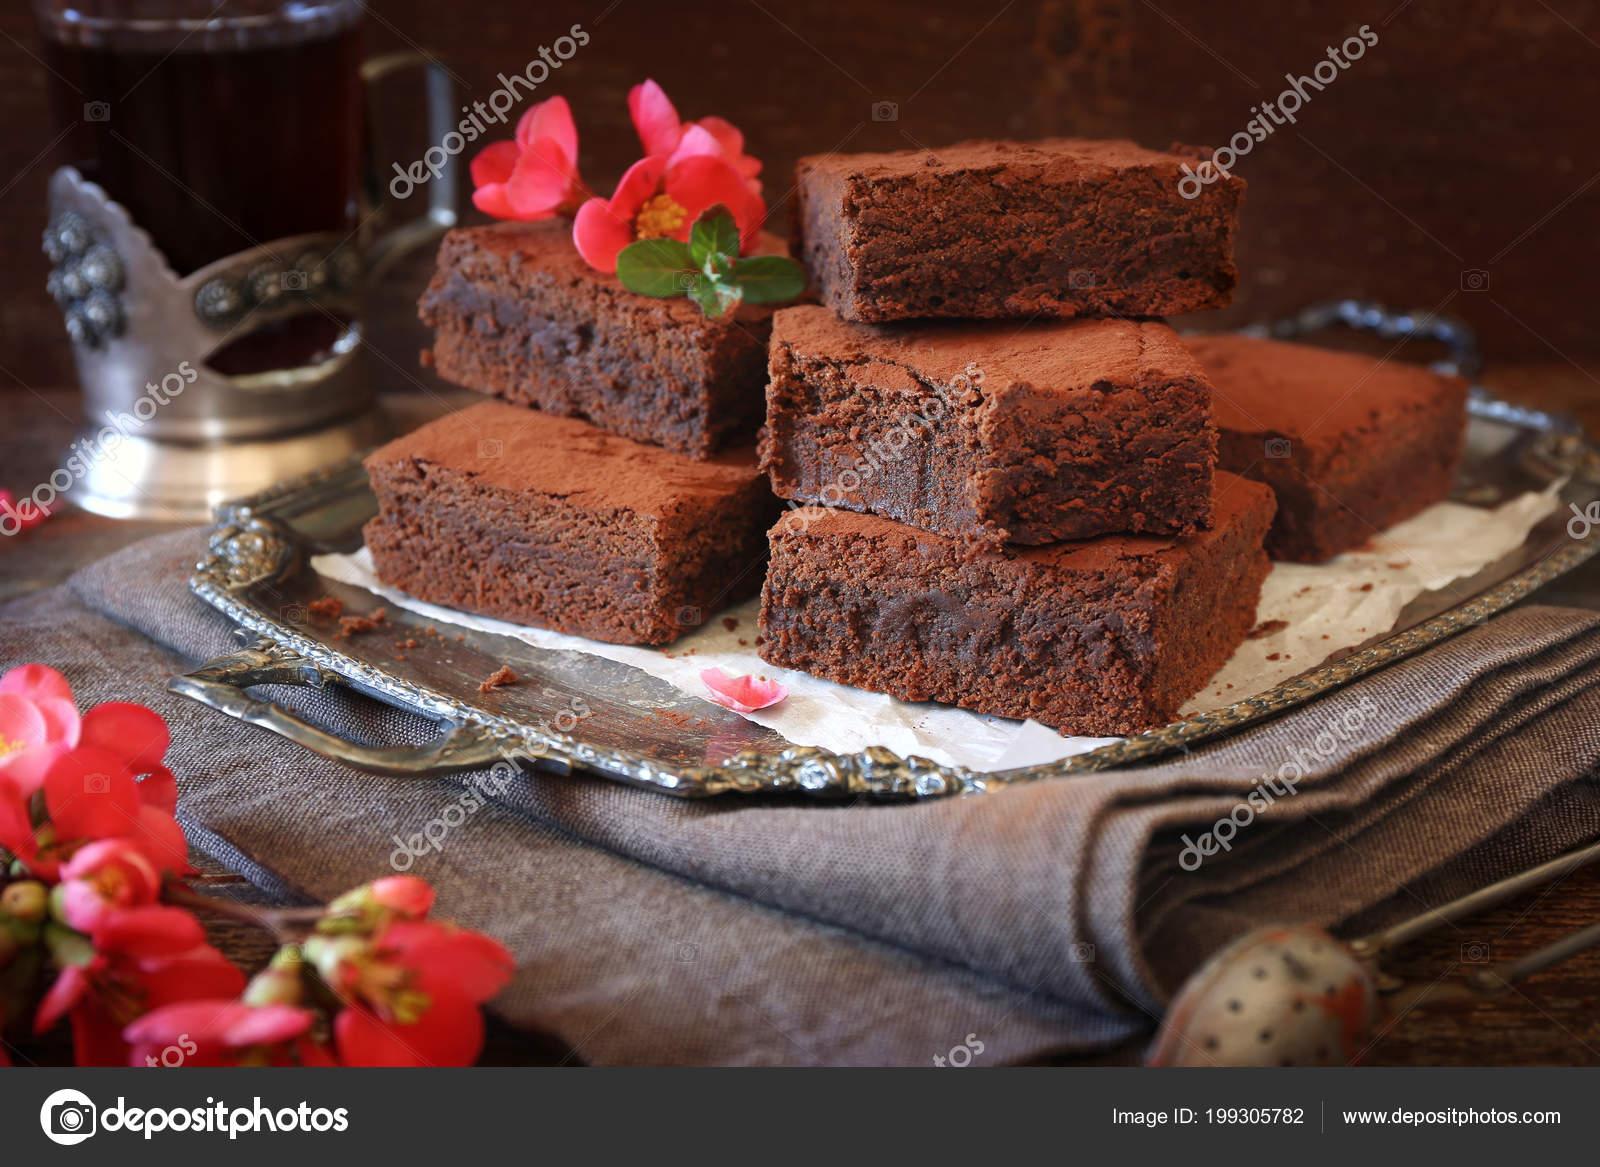 Kızılcıklı ve Çikolatalı Kareler